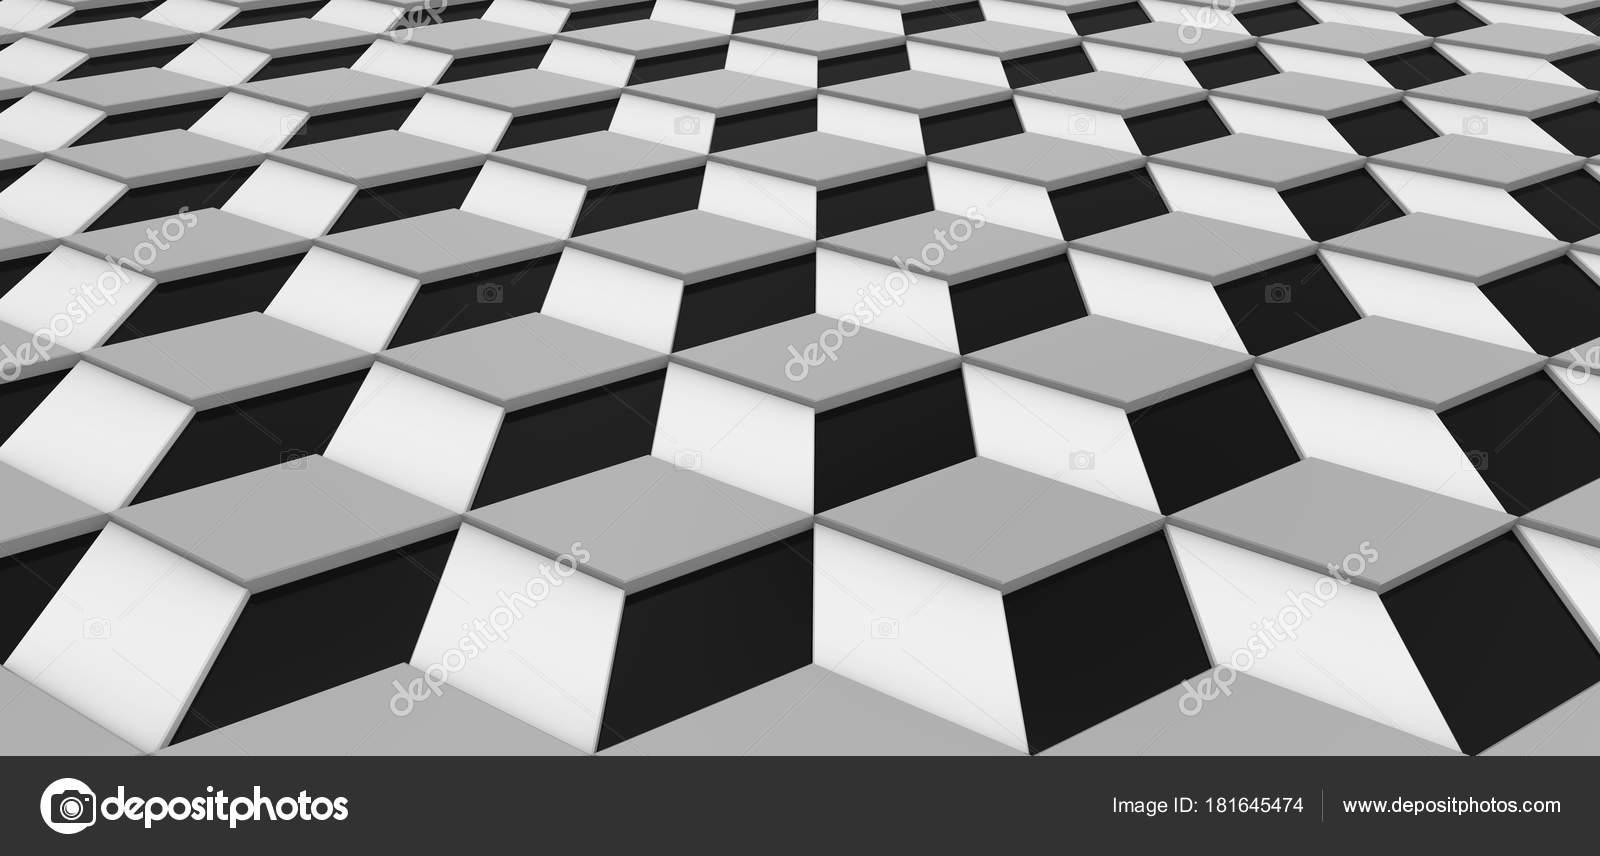 d51ef64cdb8 Geométrico 3d render de fondo, papel pintado decorativo cubo moderno patrón  en blanco, gris y negro — Foto de kchungtw